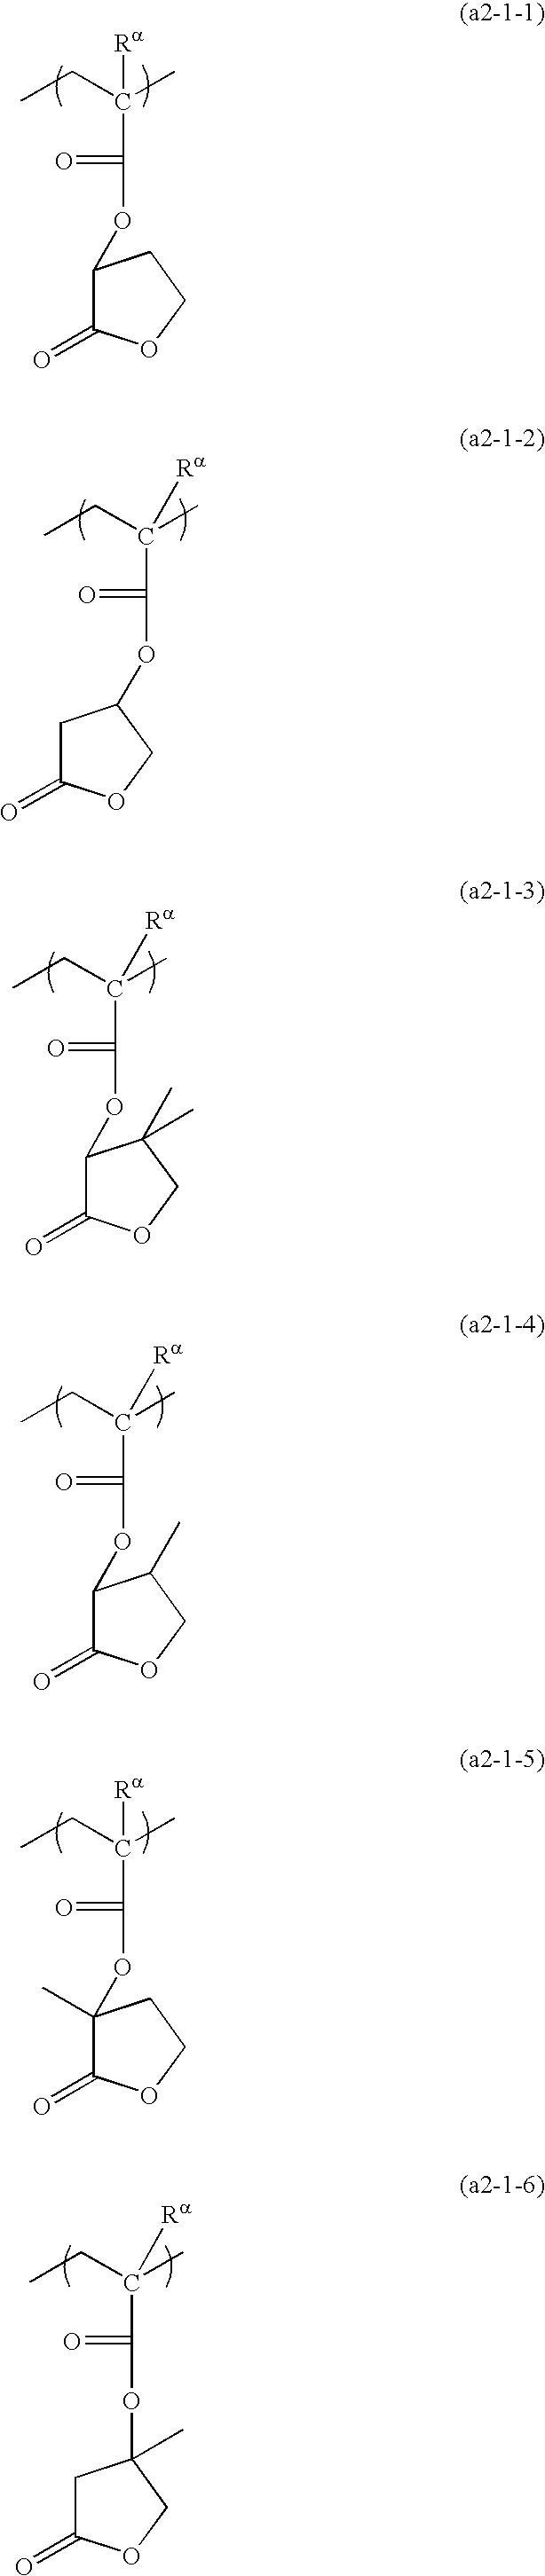 Figure US20100136480A1-20100603-C00056